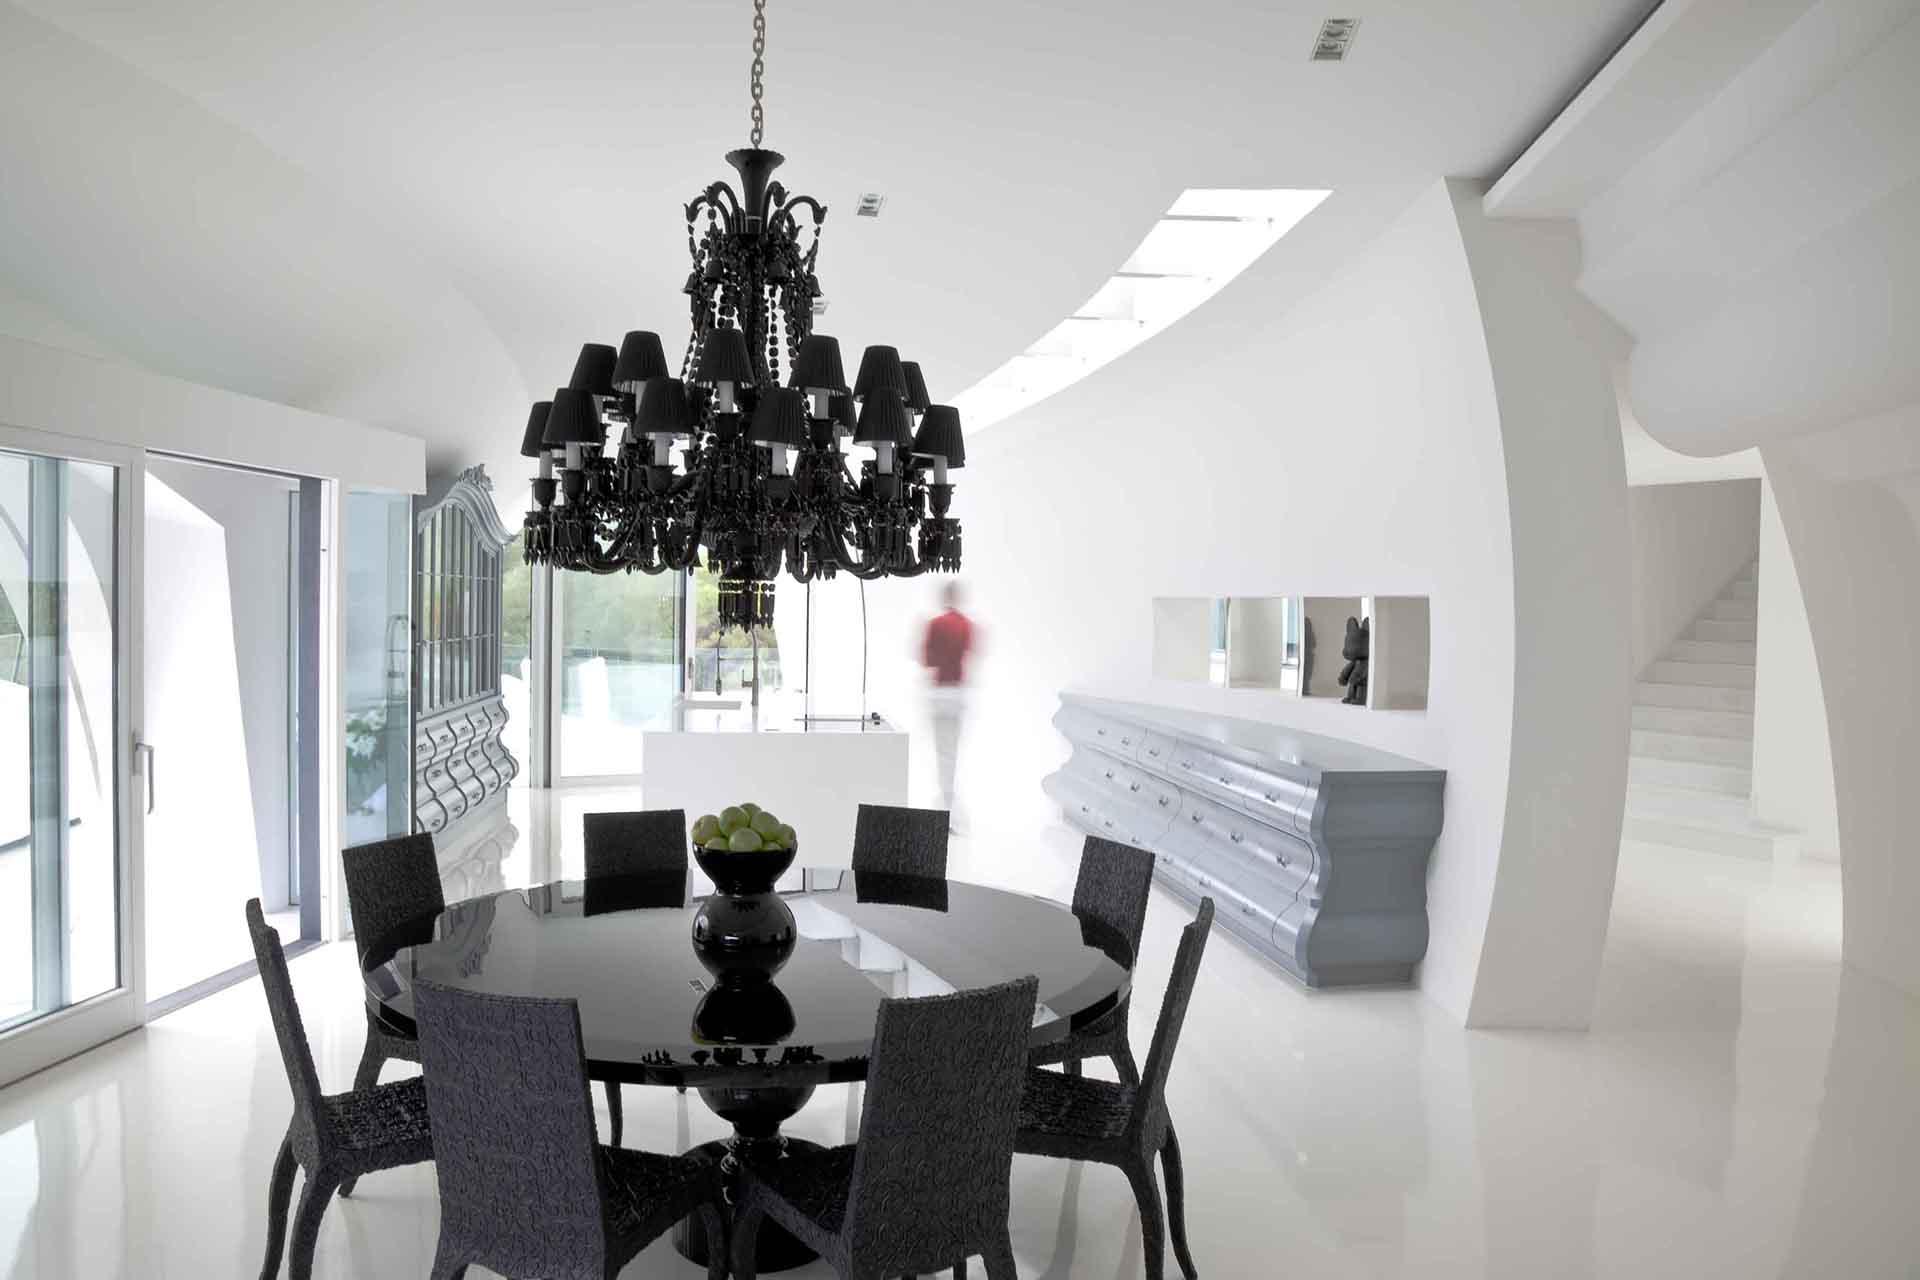 5 9 - Espectacular casa llena de originalidad y diseño en Son Vida, Palma de Mallorca